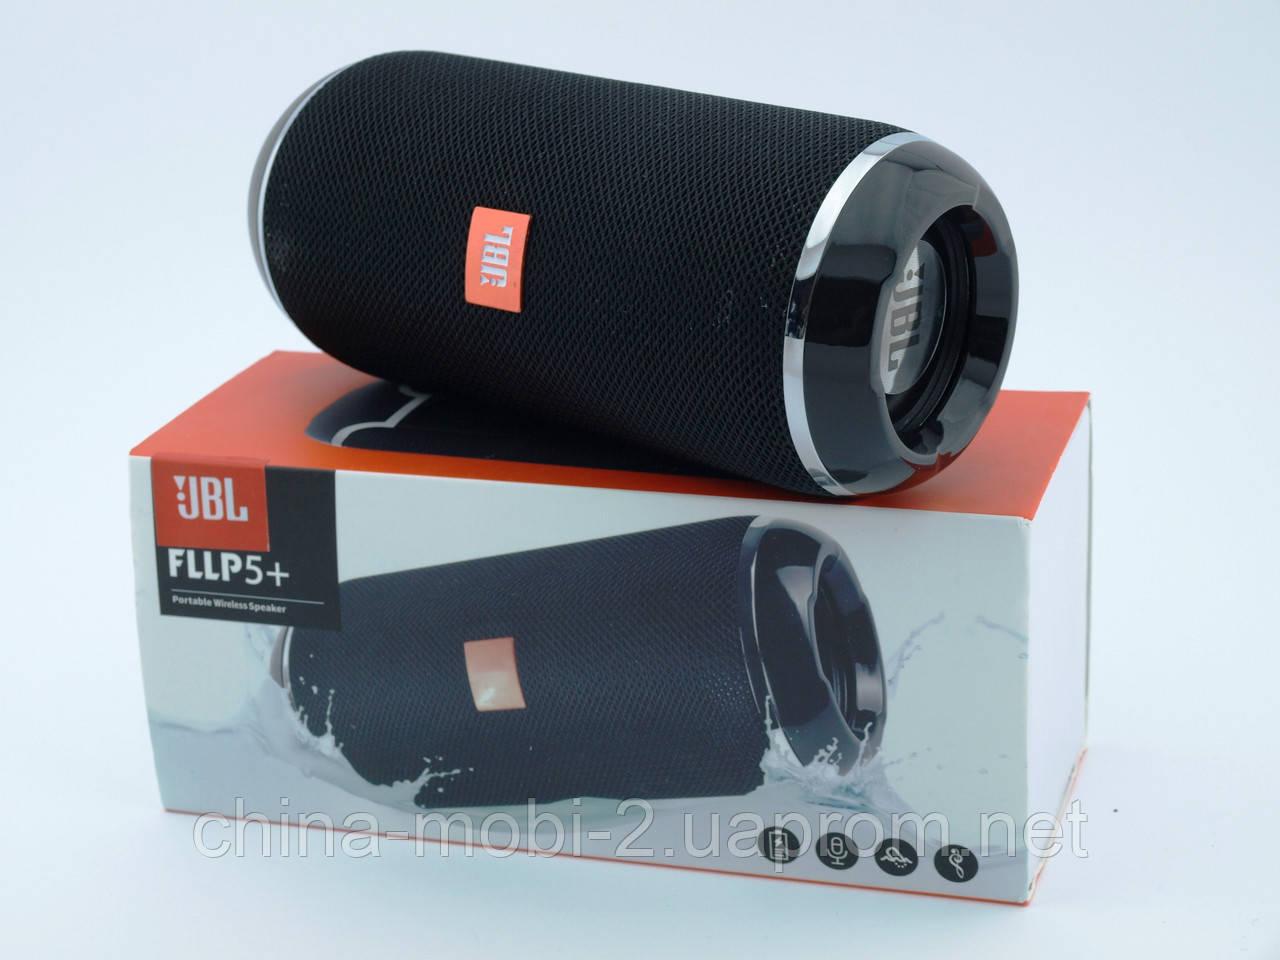 JBL FLIP5+ 10W копия, блютуз колонка, черная